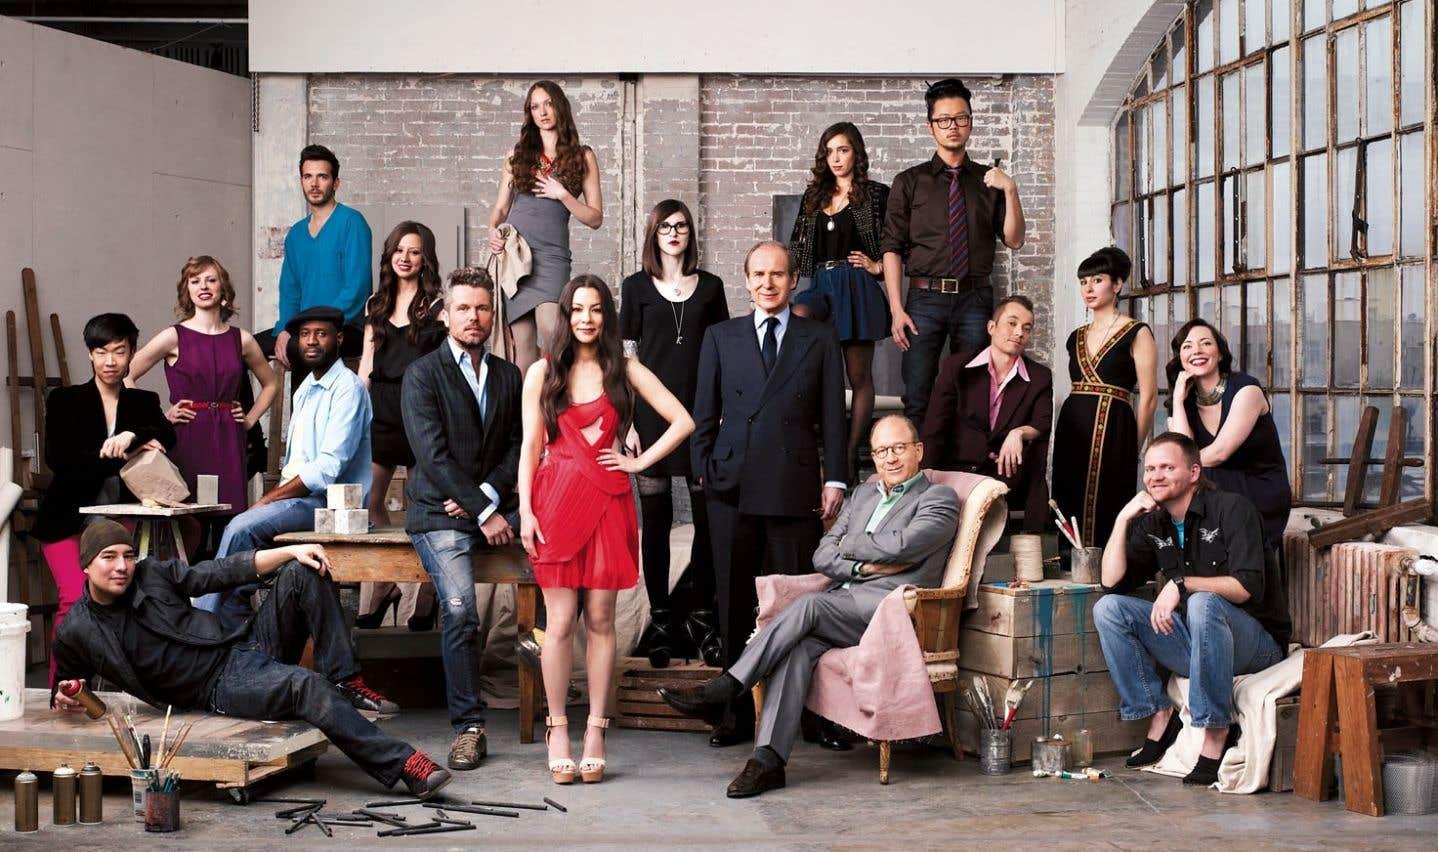 Produite par l'actrice américaine Sarah Jessica Parker, Les règles de l'art montre en action quatorze jeunes artistes devant relever des défis créatifs de toutes sortes. Sur les ondes d'ARTV.